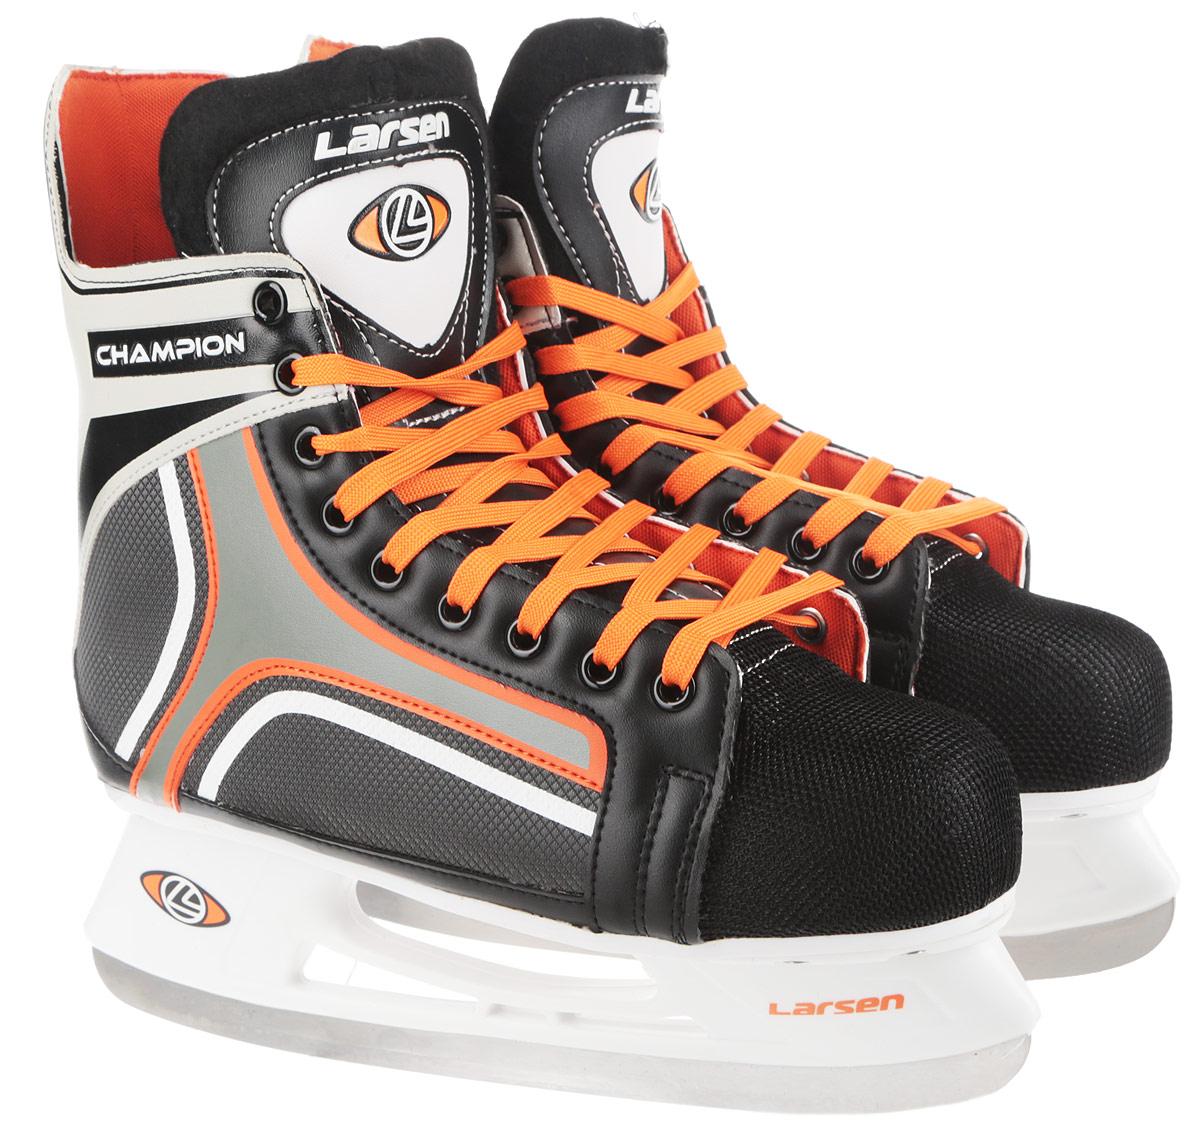 Коньки хоккейные мужские Larsen Champion, цвет: черный, белый, оранжевый. Размер 39Atemi Force 3.0 2012 Black-GrayСтильные коньки Champion от Larsen прекрасно подойдут для начинающих игроков в хоккей.Ботинок выполнен из морозоустойчивого поливинилхлорида. Мыс дополненвставкой из полипропилена, покрытого сетчатым нейлоном, которая защитит ноги от ударов.Внутренний слой изготовлен измягкого текстиля, который обеспечит тепло и комфорт во время катания, язычок - из войлока.Плотная шнуровка надежно фиксирует модель на ноге. Голеностоп имеет удобный суппорт. Стелька из EVA с текстильной поверхностью обеспечит комфортное катание. Стойкавыполнена из ударопрочного полипропилена. Лезвие из нержавеющей стали обеспечитпревосходное скольжение. В комплект входят пластиковые чехлы для лезвий. Температура использования до -20°С.